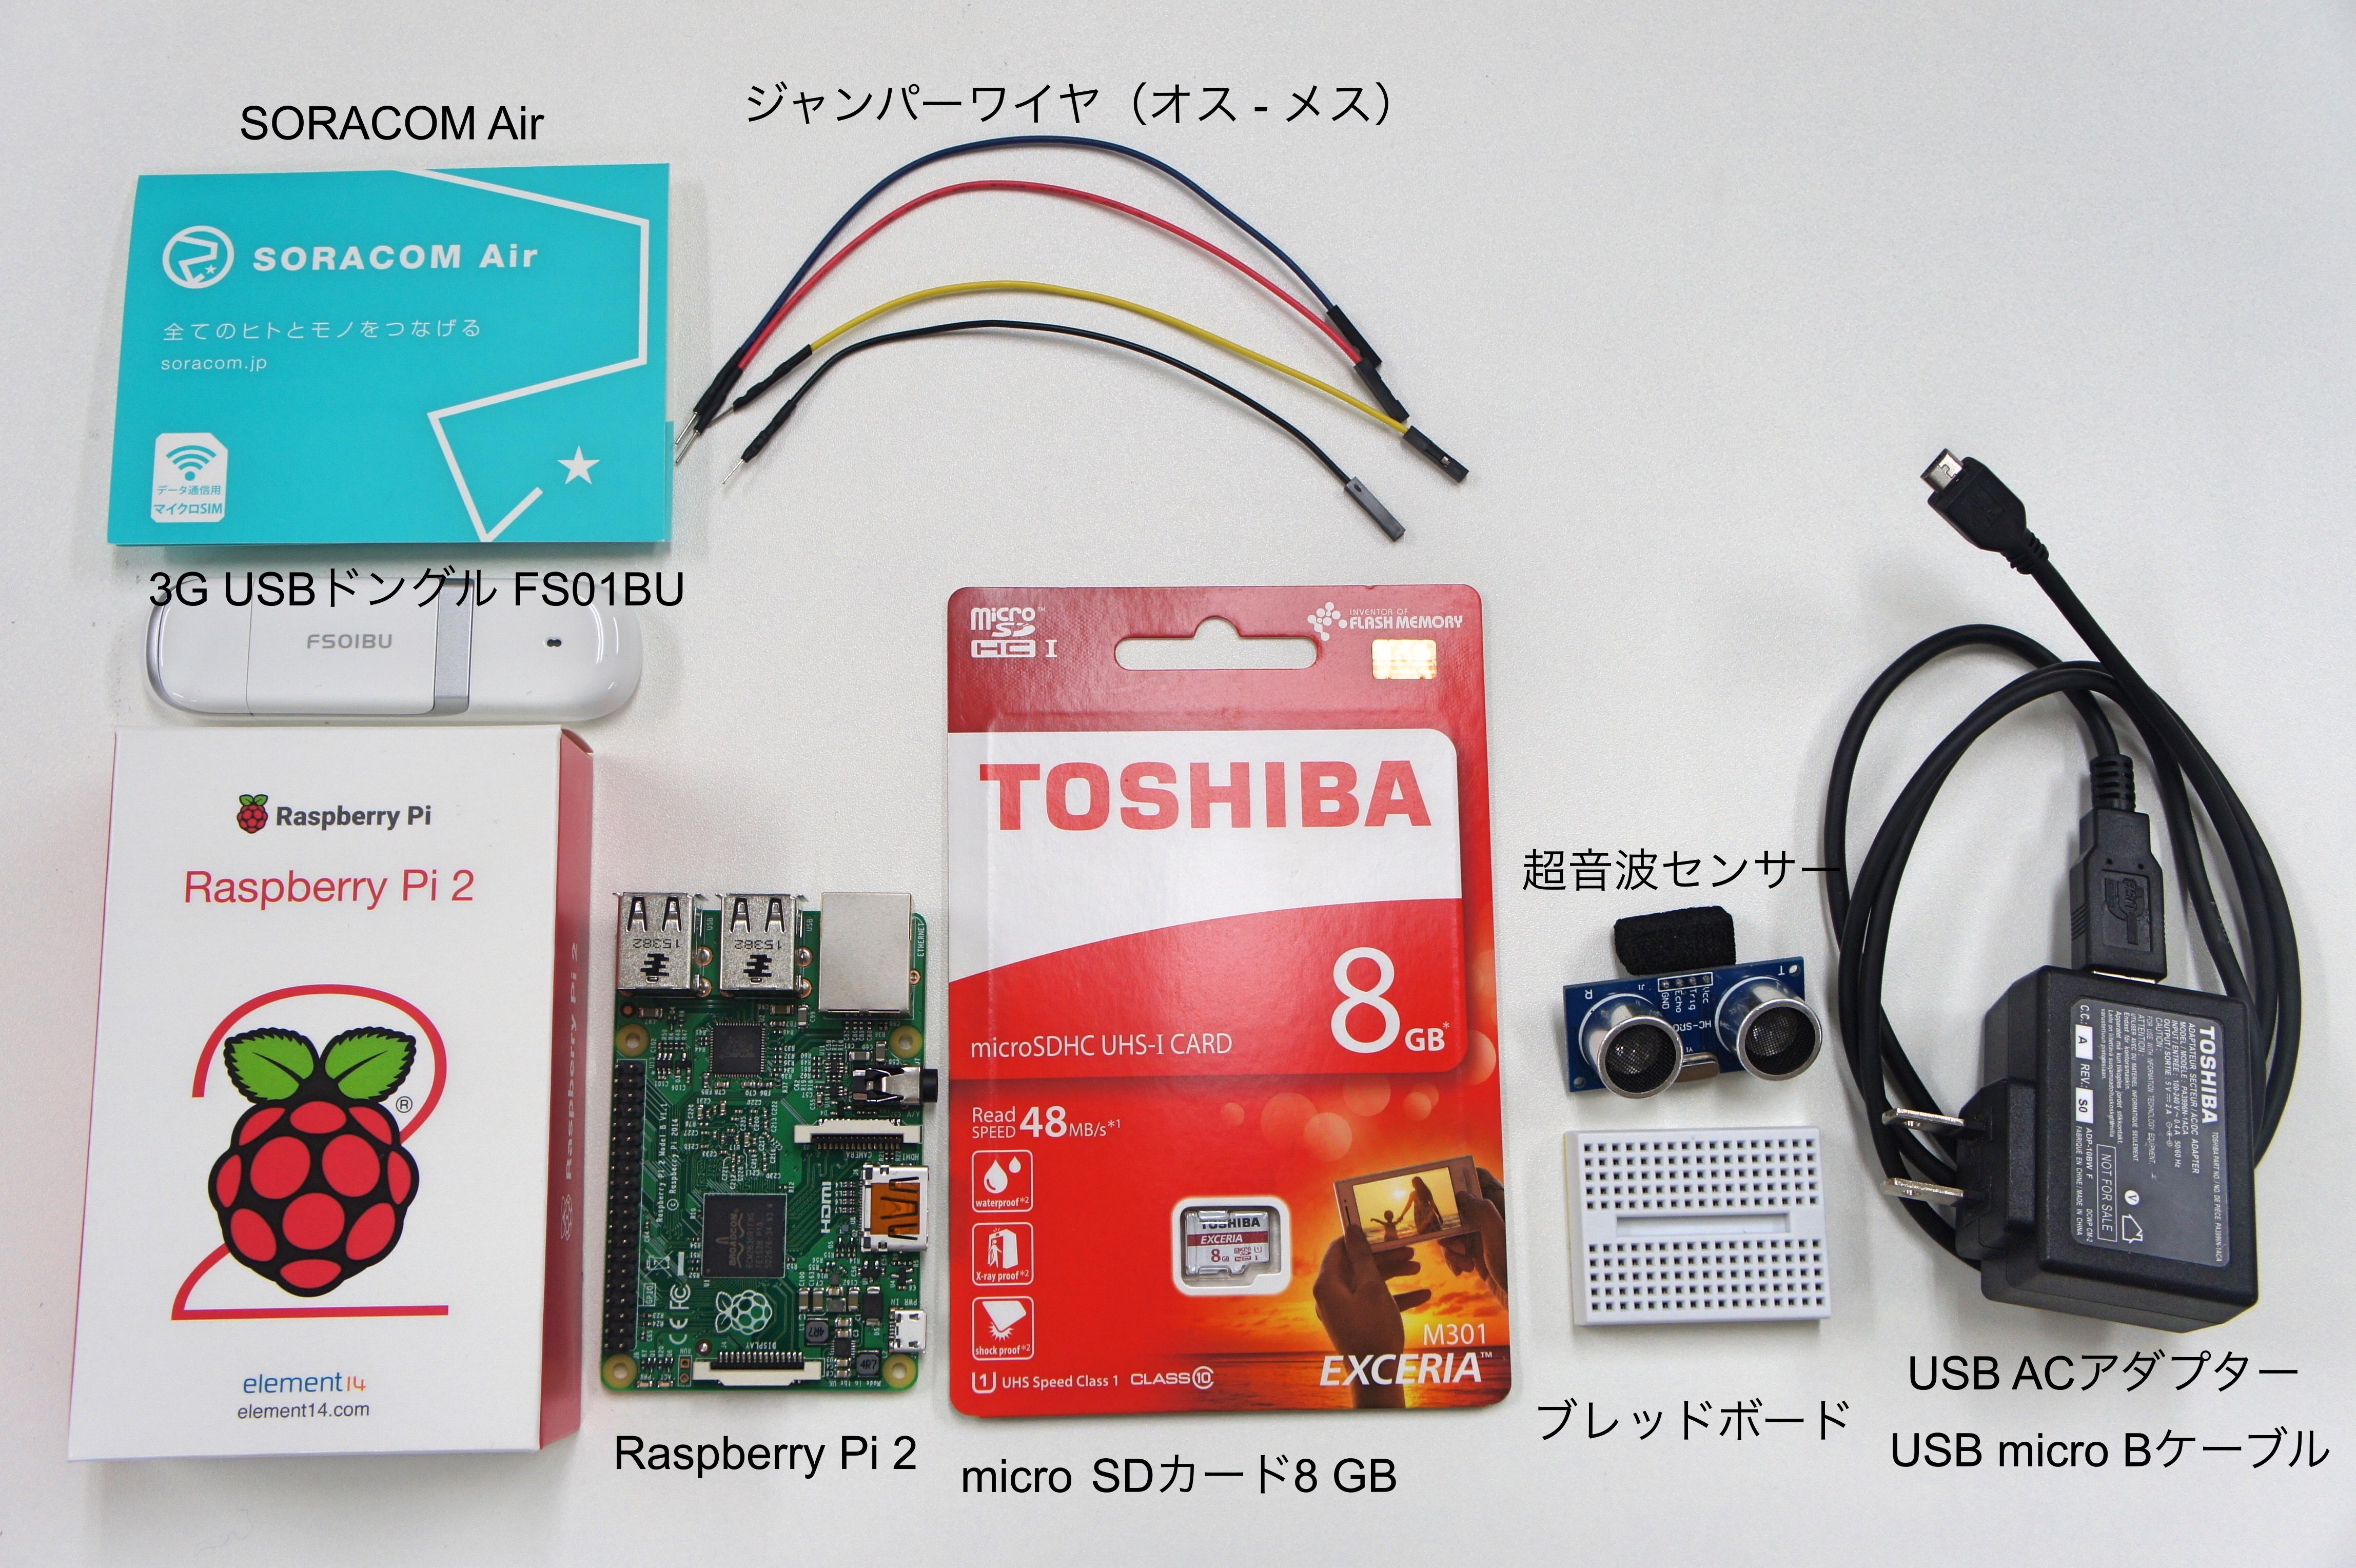 ラズパイとソラコムを使って、IoTを体験するキットを期間限定で発売